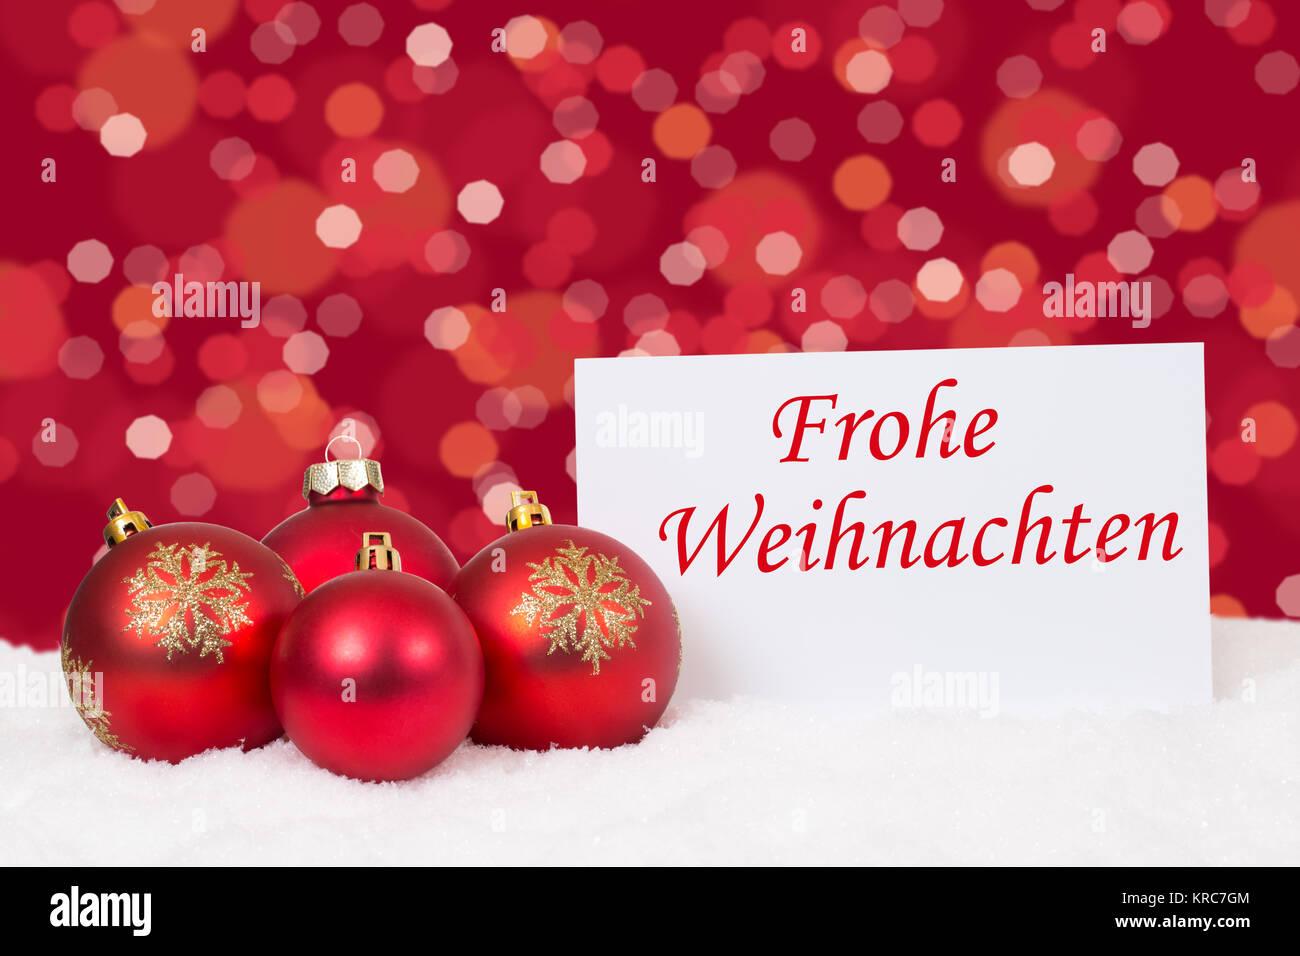 Frohe Weihnachten In Bildern.Rote Weihnachtskugeln Frohe Weihnachten Weihnachtskarte Wünsche